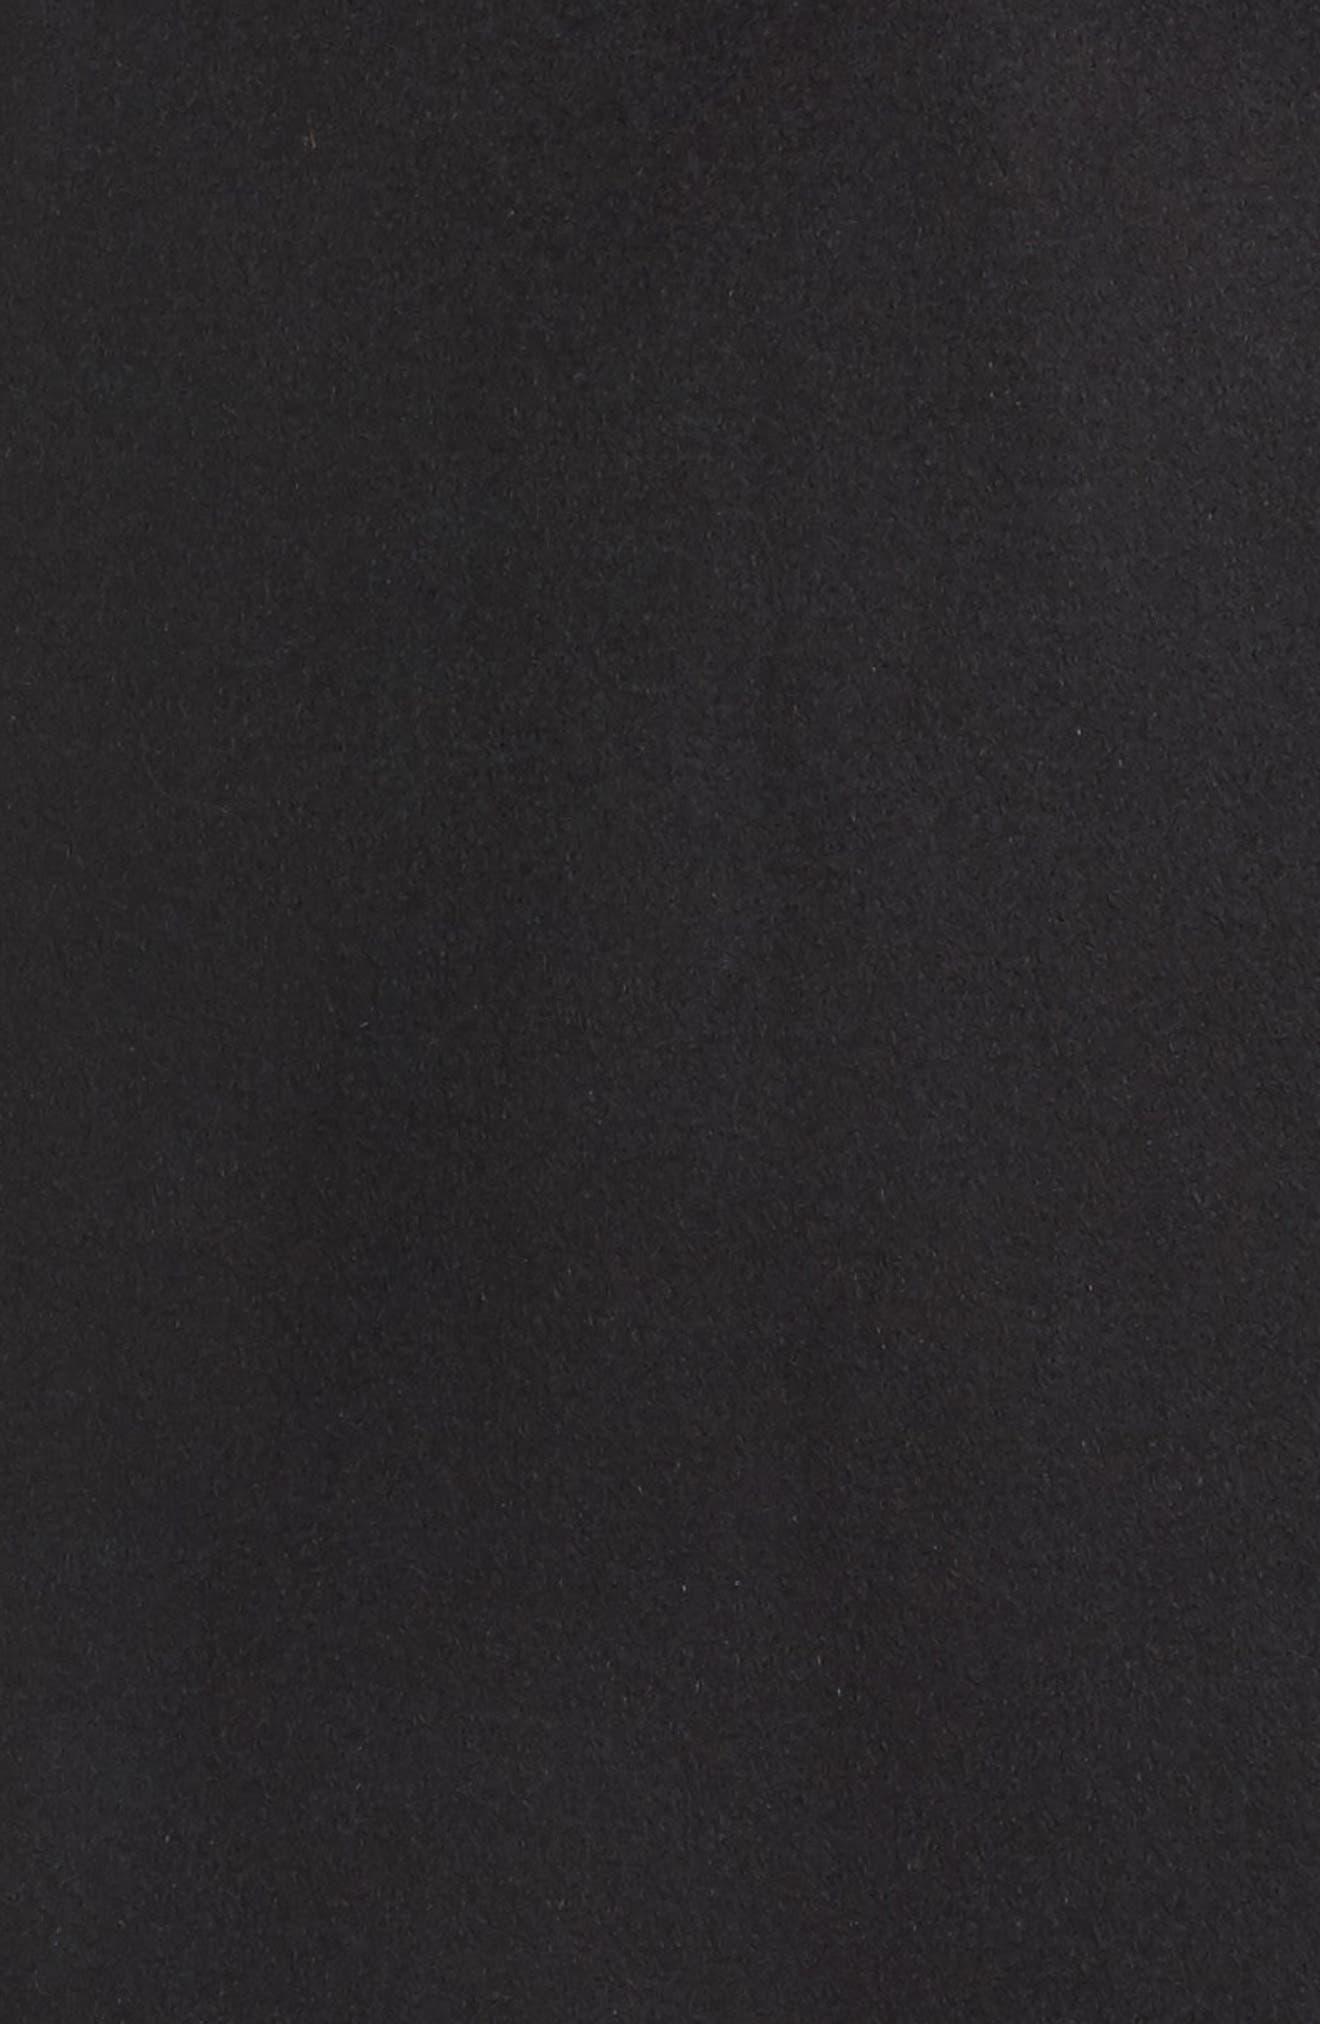 Kimono Wool Blend Coat,                             Alternate thumbnail 5, color,                             Black